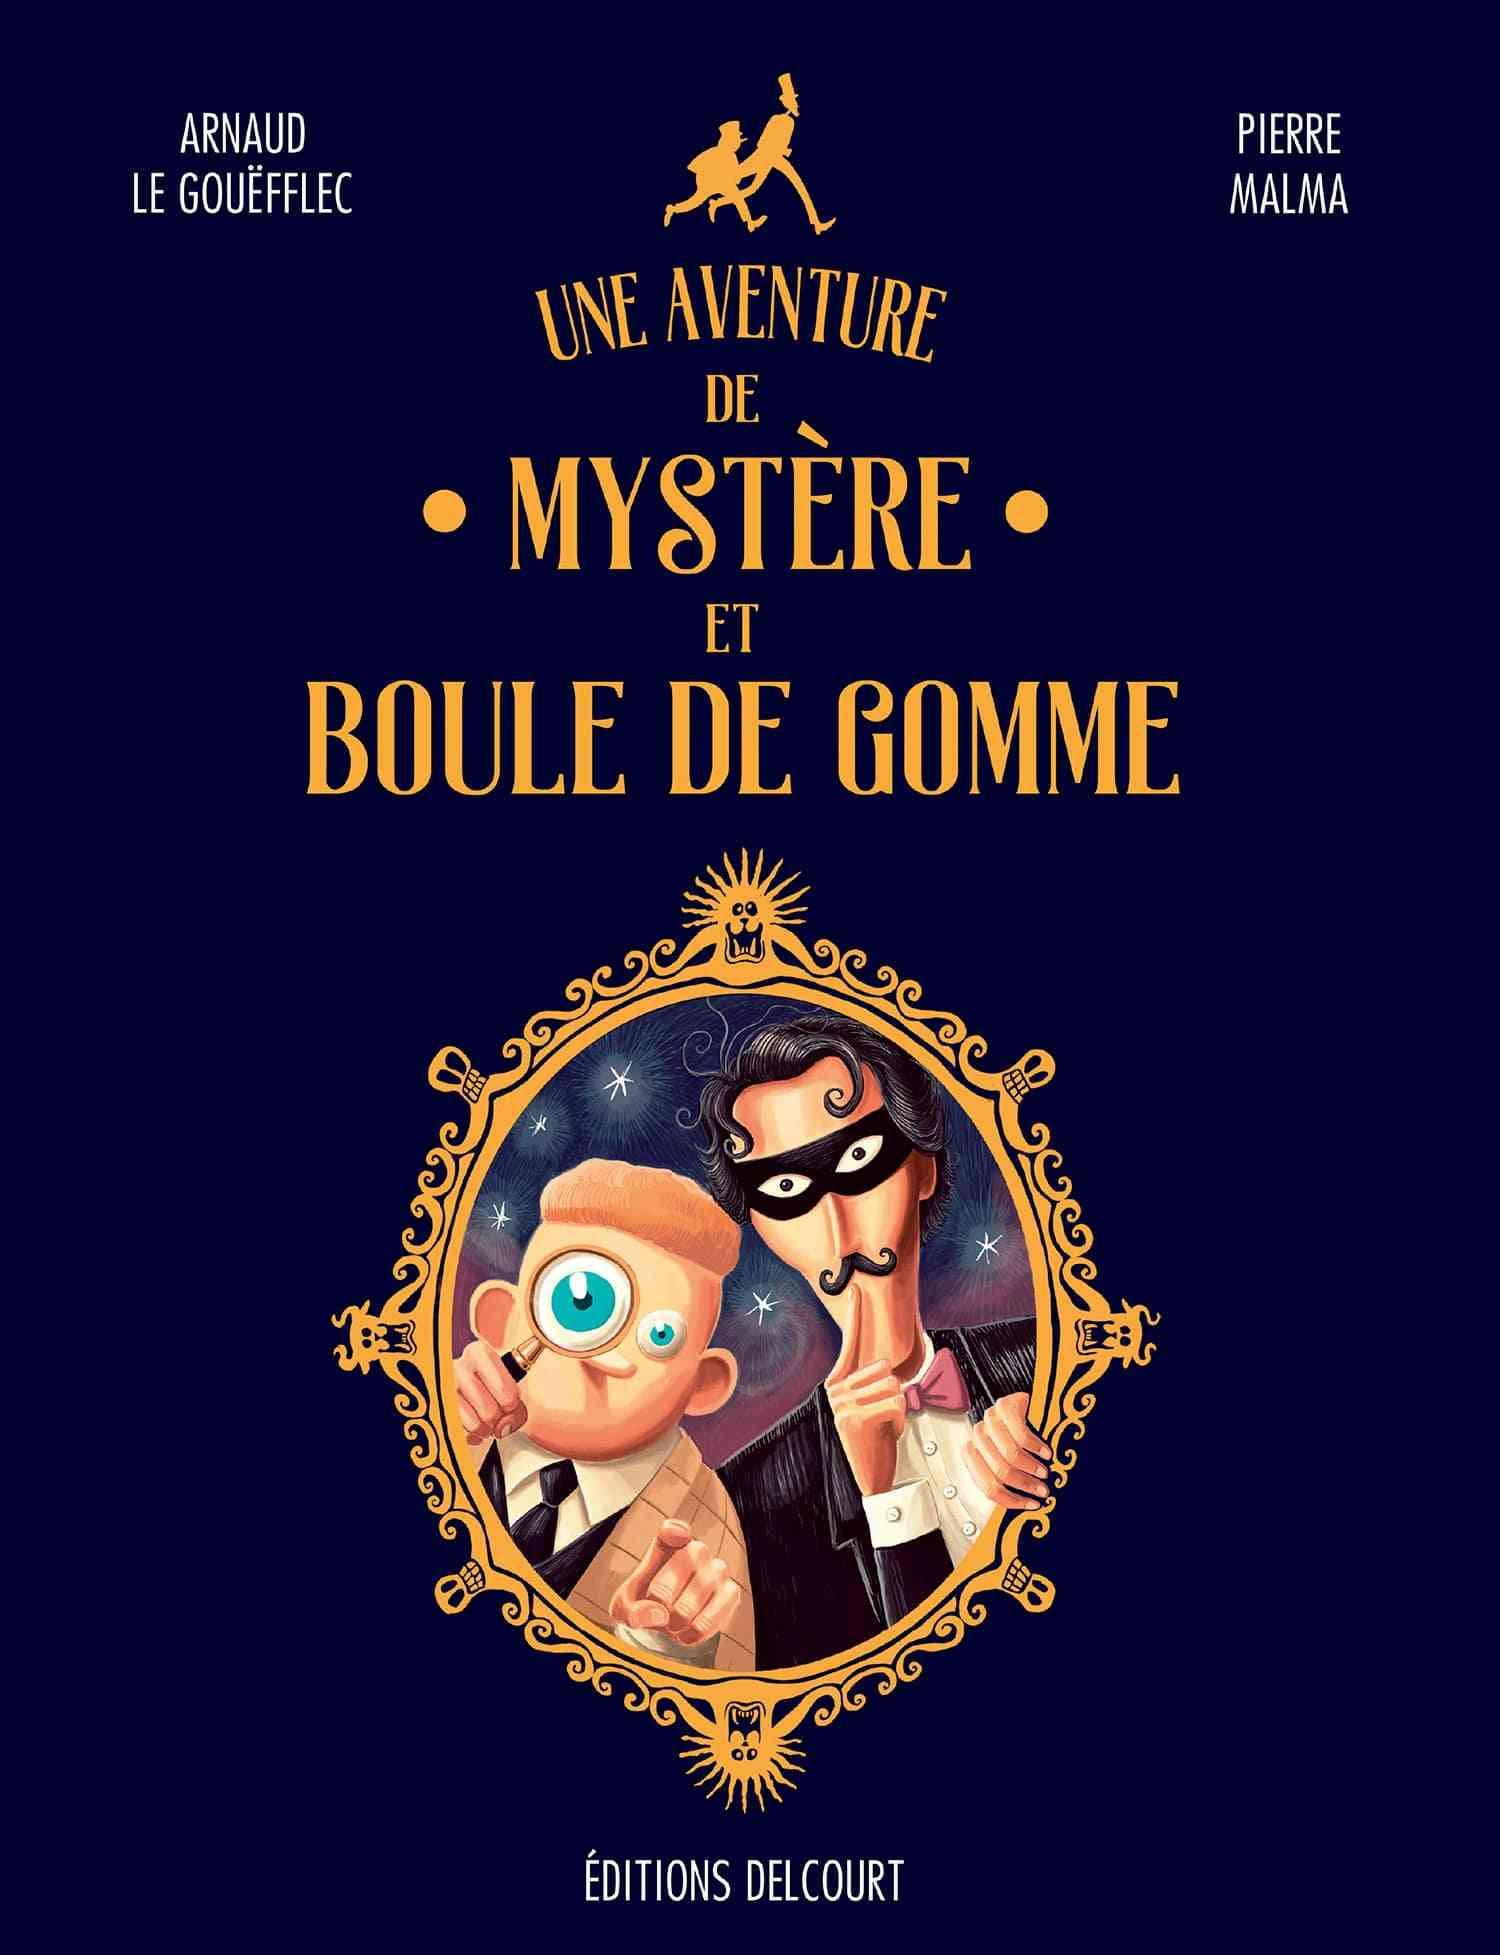 Une aventure de Mystère et Boule de Gomme, réjouissant